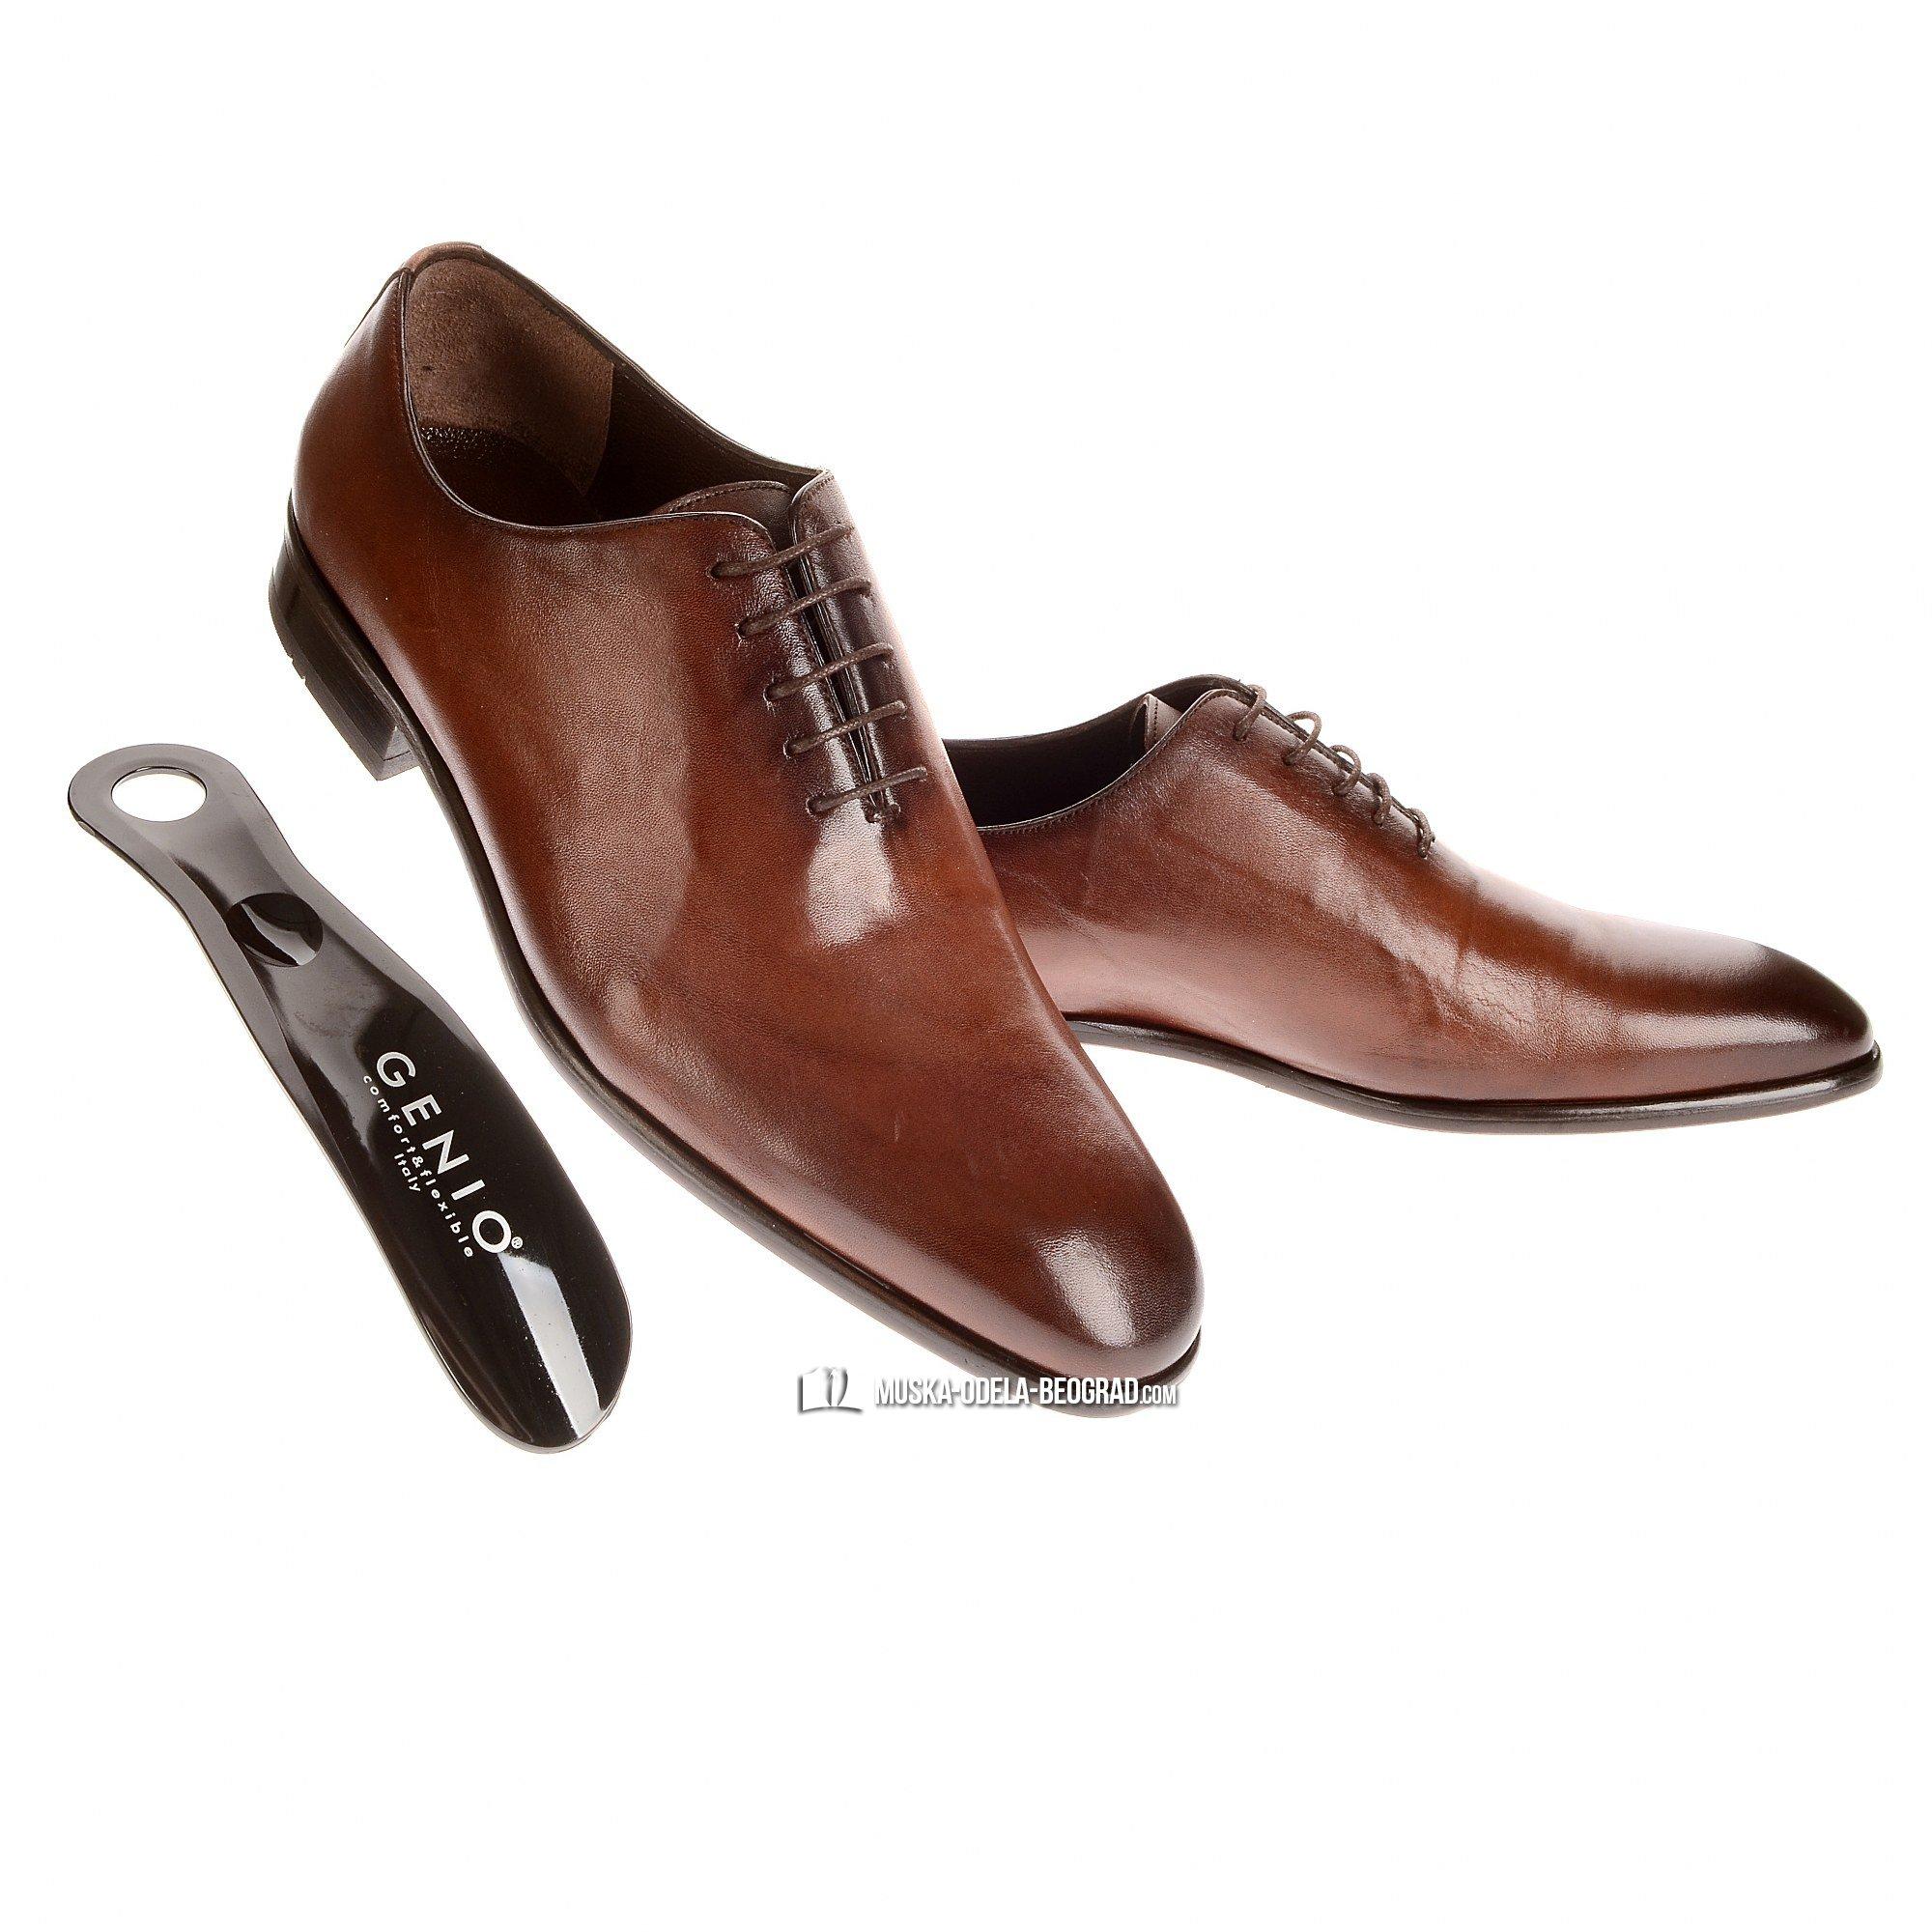 braon muske cipele #325 - Strukirana muska odela, strukirana odela, Cipele muske, prodaja muskih cipela, braon cipele za teget odelo, muske braon cipele, muska obuca, cipele za svadbu, cipele za vencanje, kum, kuma, matura, apsolventsko vece, braon cipele za odelo, muske cipele za odelo, crne cipele za odelo, kosulje muske, kravate, kosulje za odelo, kosulje za svadbu, kosulje za vencanje